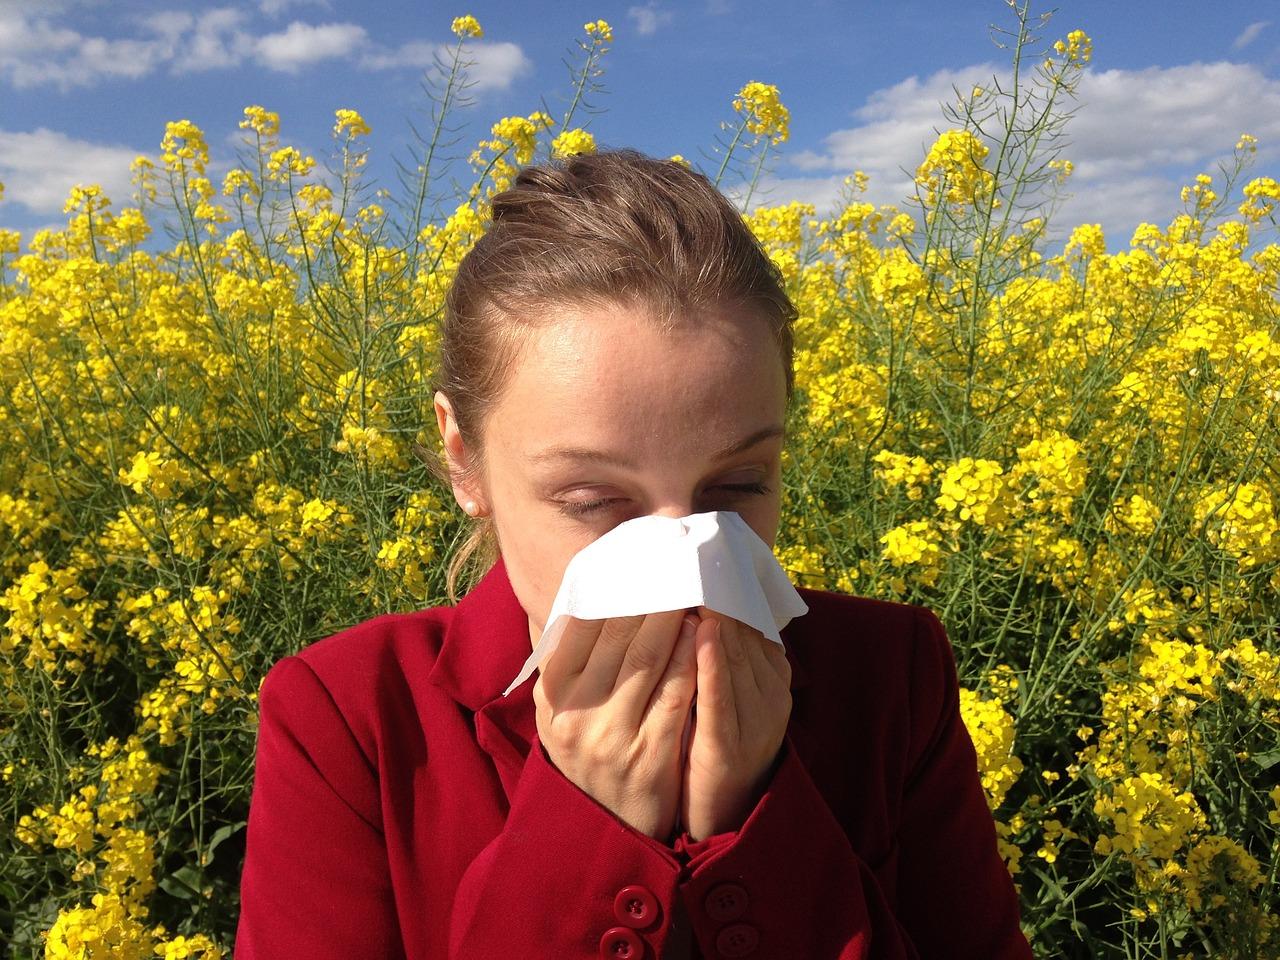 Alergie na potraviny – vznik, průběh a důsledky alergií